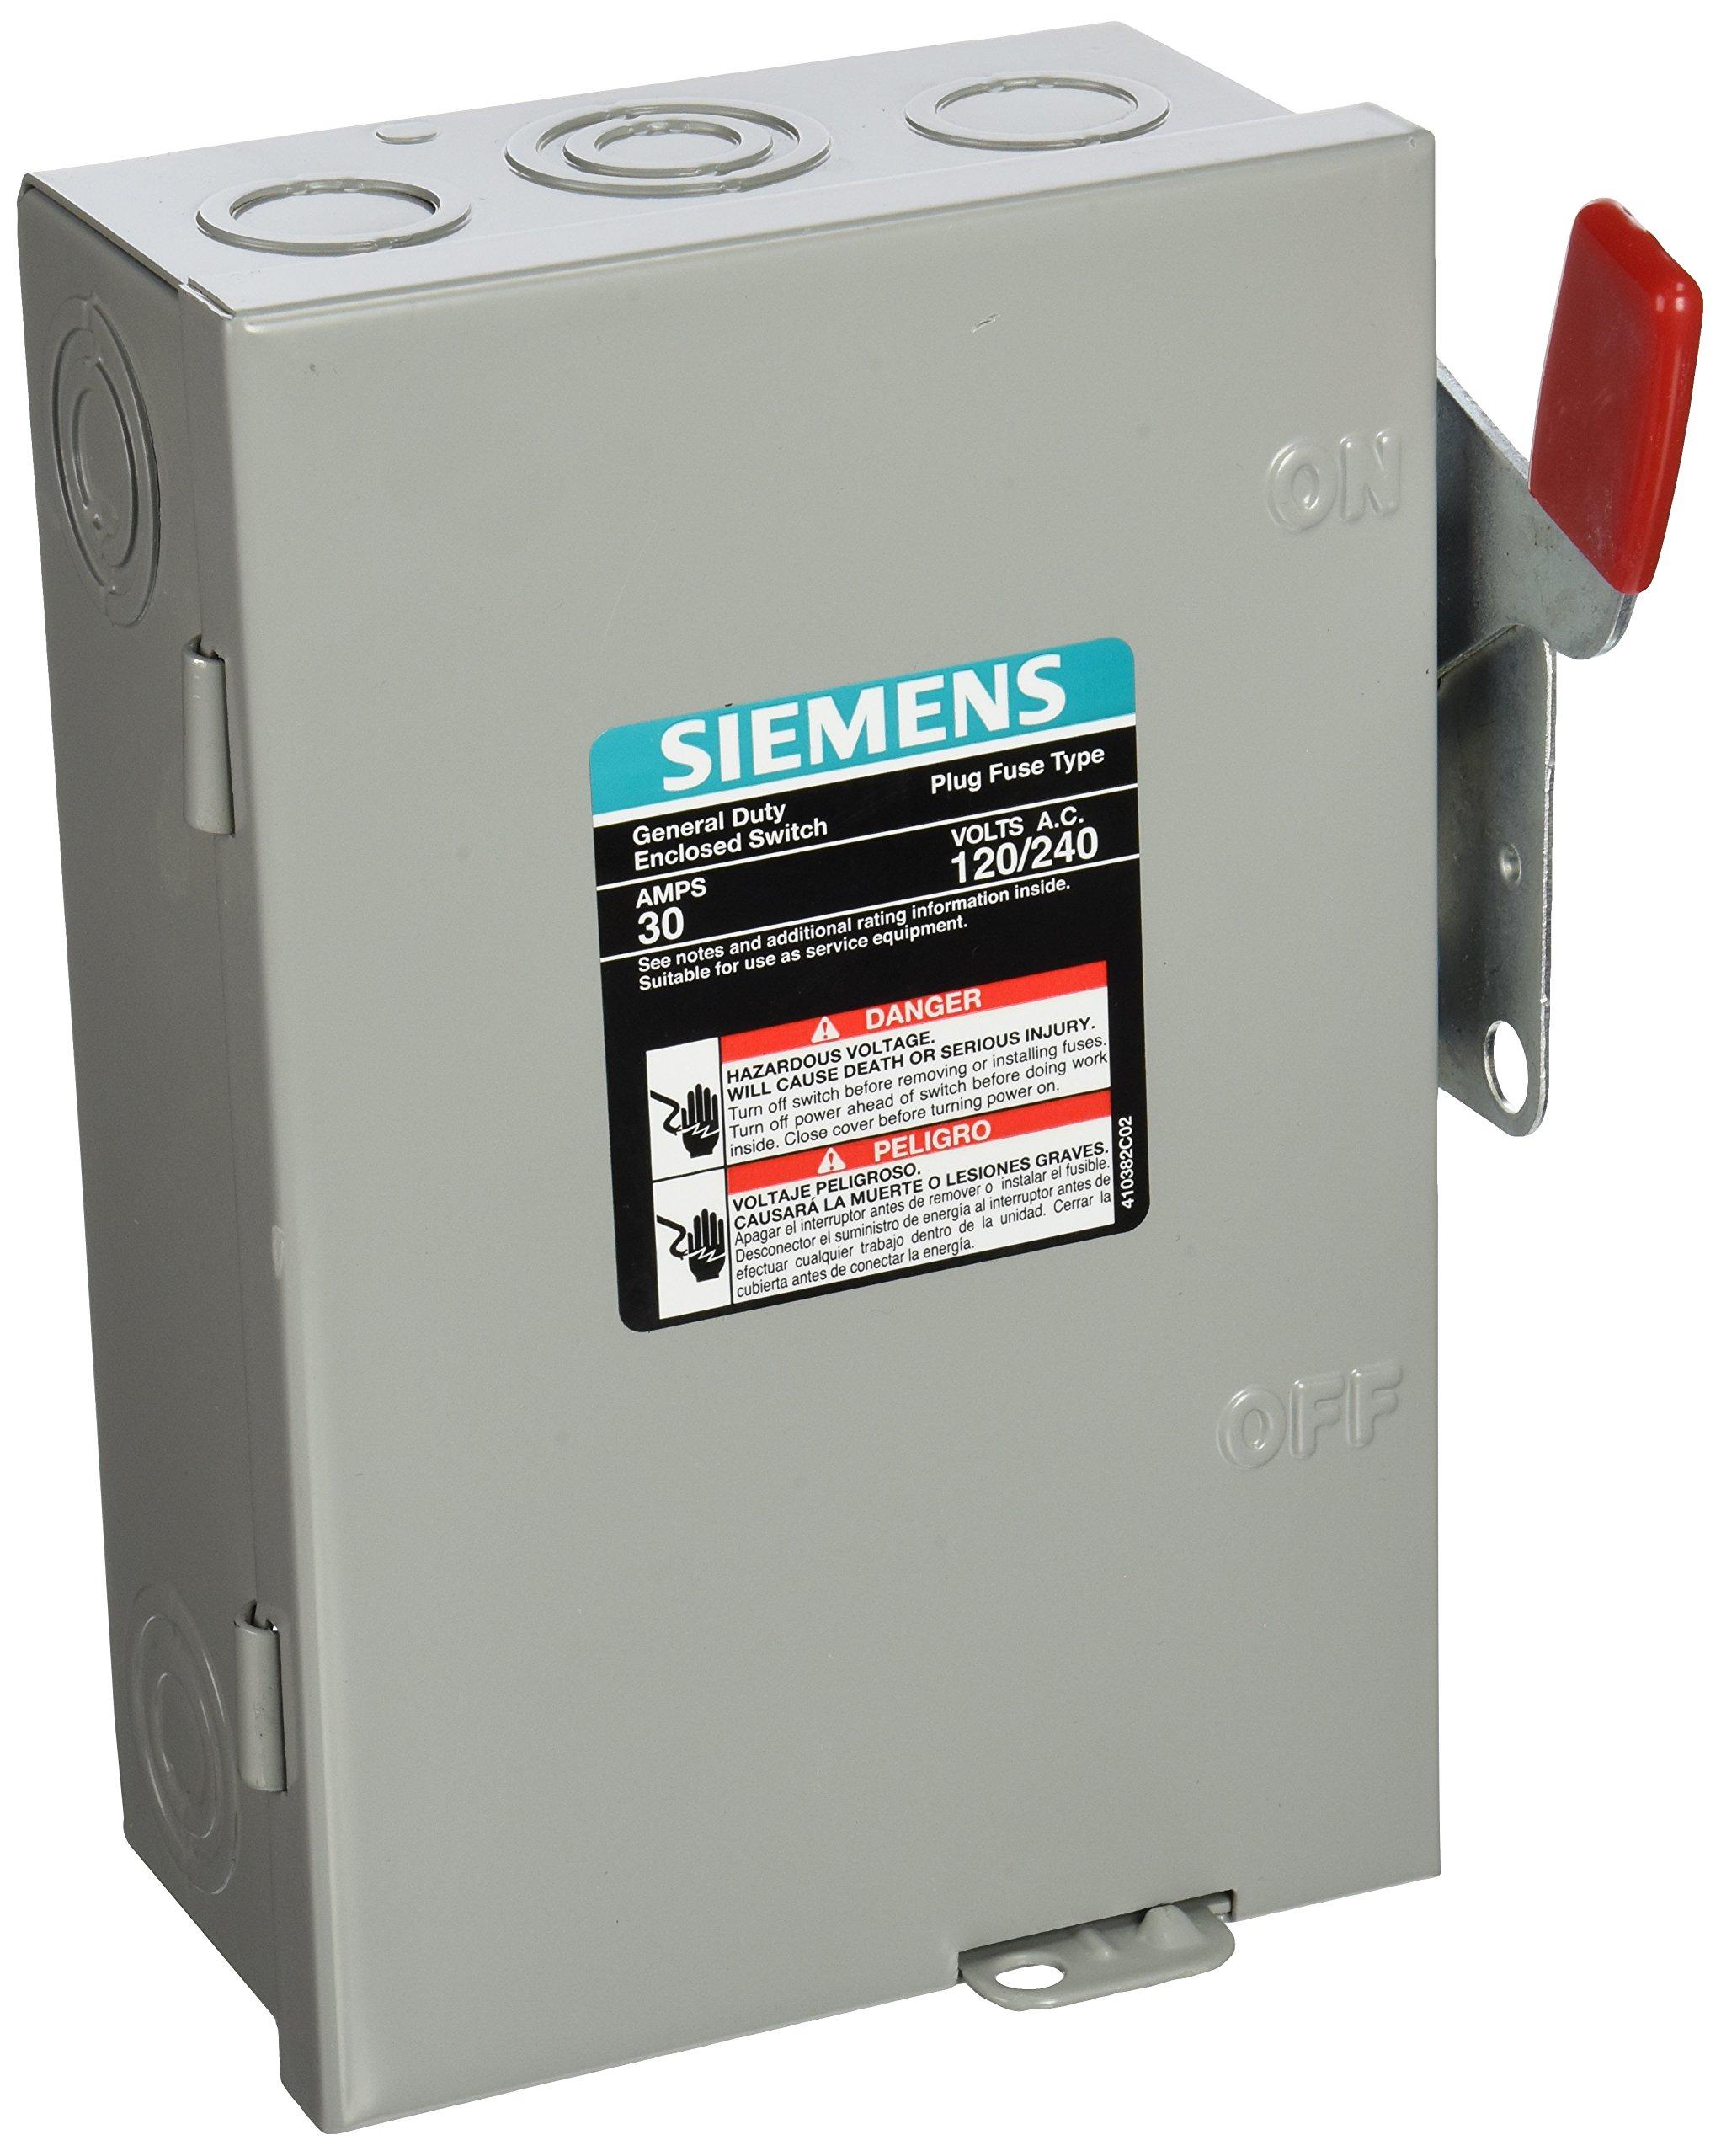 SIEMENS LF211N 30 Amp, 2 Pole, 240-Volt, PLUG Fused, General Duty, W/N Indoor Rated